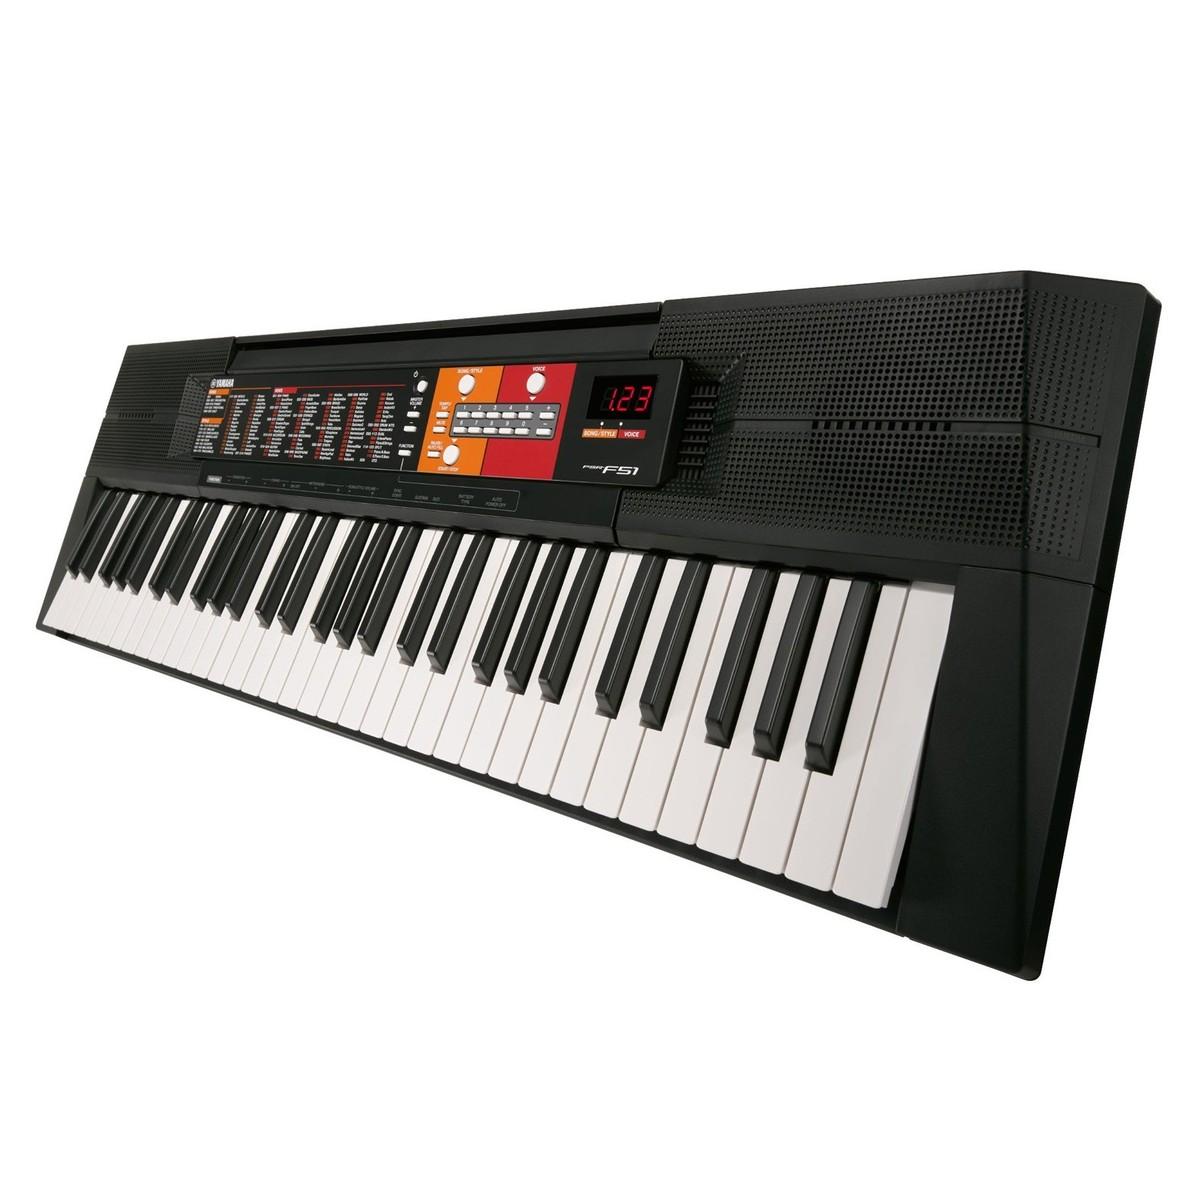 Yamaha psr f51 portable keyboard at for Yamaha psr 410 keyboard